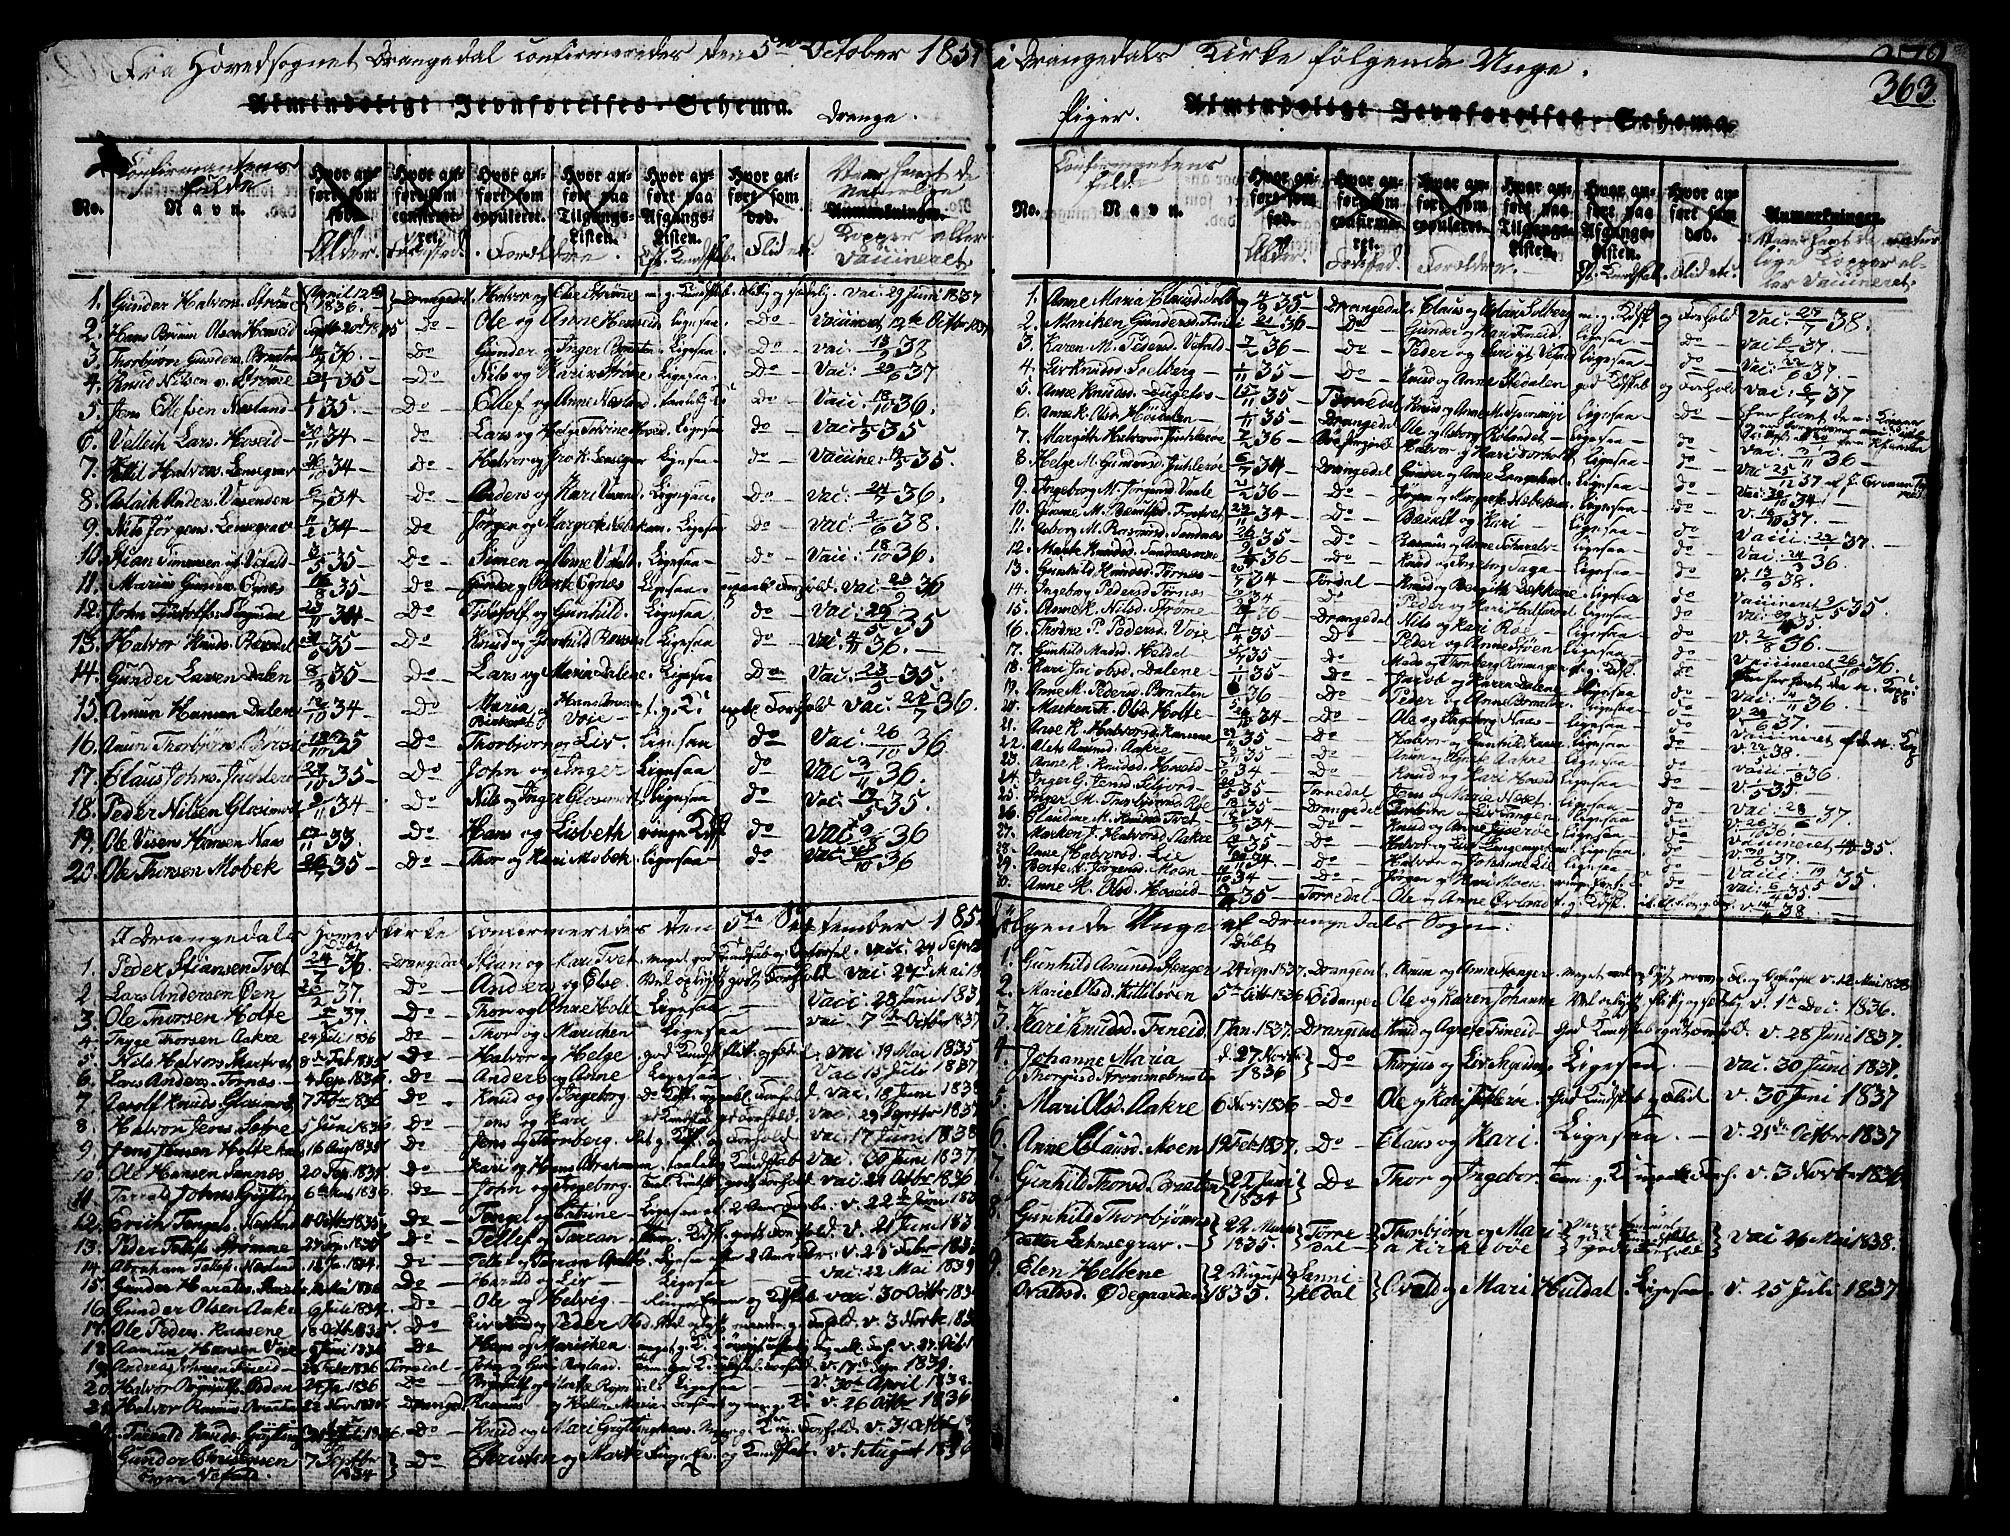 SAKO, Drangedal kirkebøker, G/Ga/L0001: Klokkerbok nr. I 1 /1, 1814-1856, s. 363